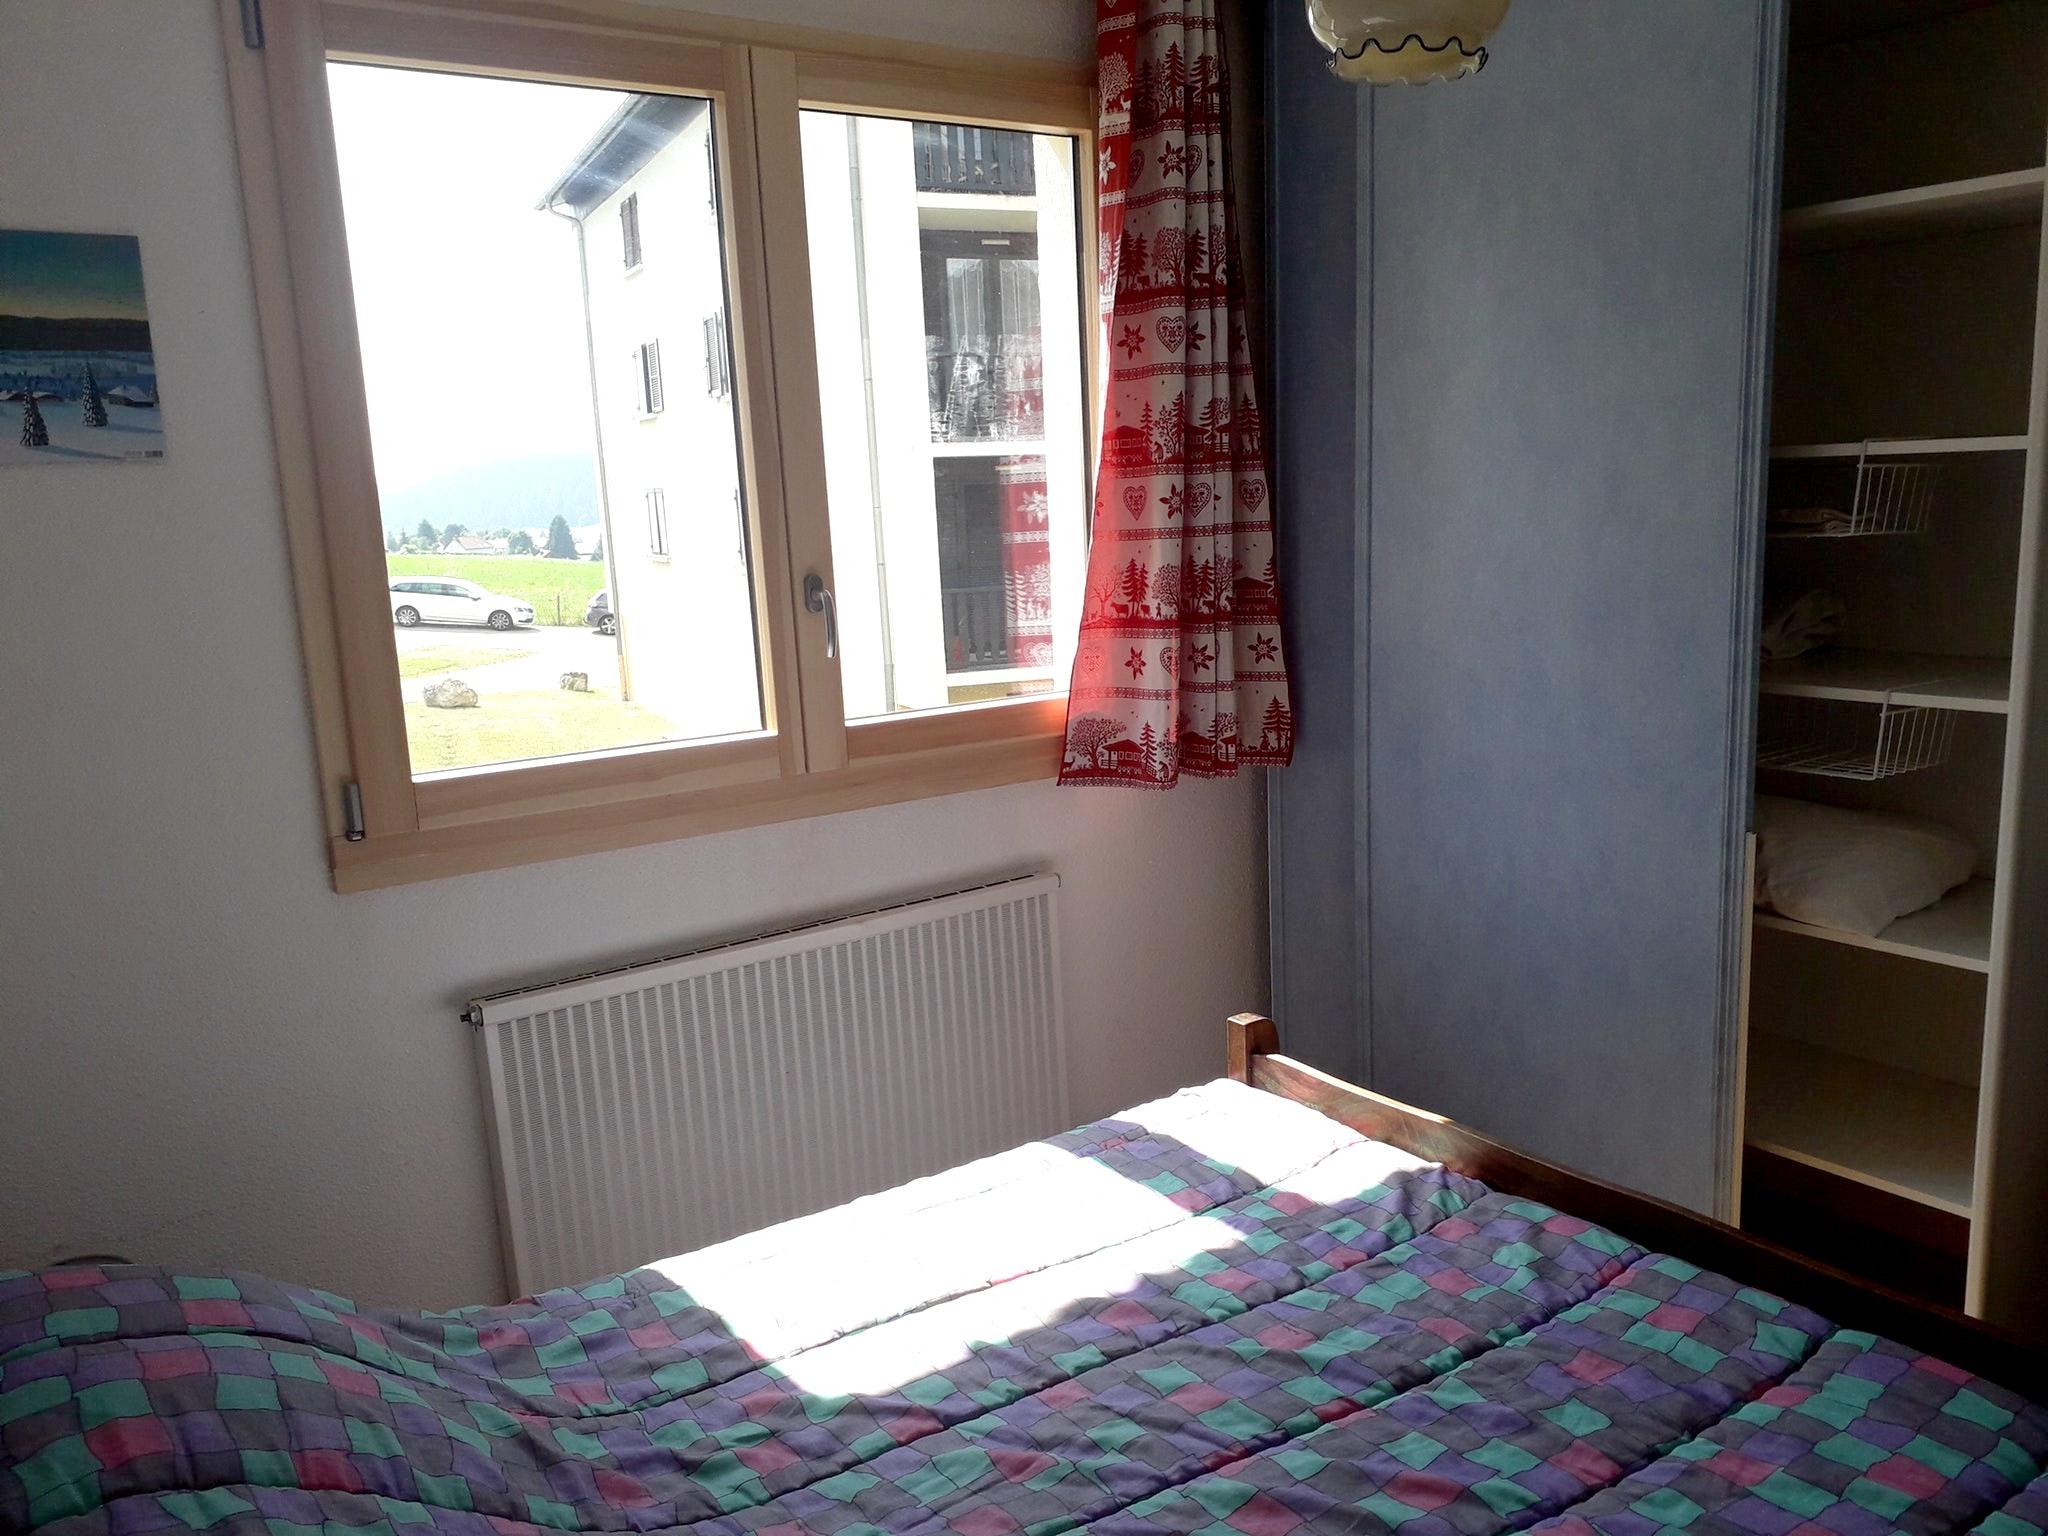 Appartement de vacances Wohnung mit einem Schlafzimmer in Métabief mit Pool und Balkon - 400 m vom Skigebiet entfe (2485992), Métabief, Doubs, Franche-Comté, France, image 11